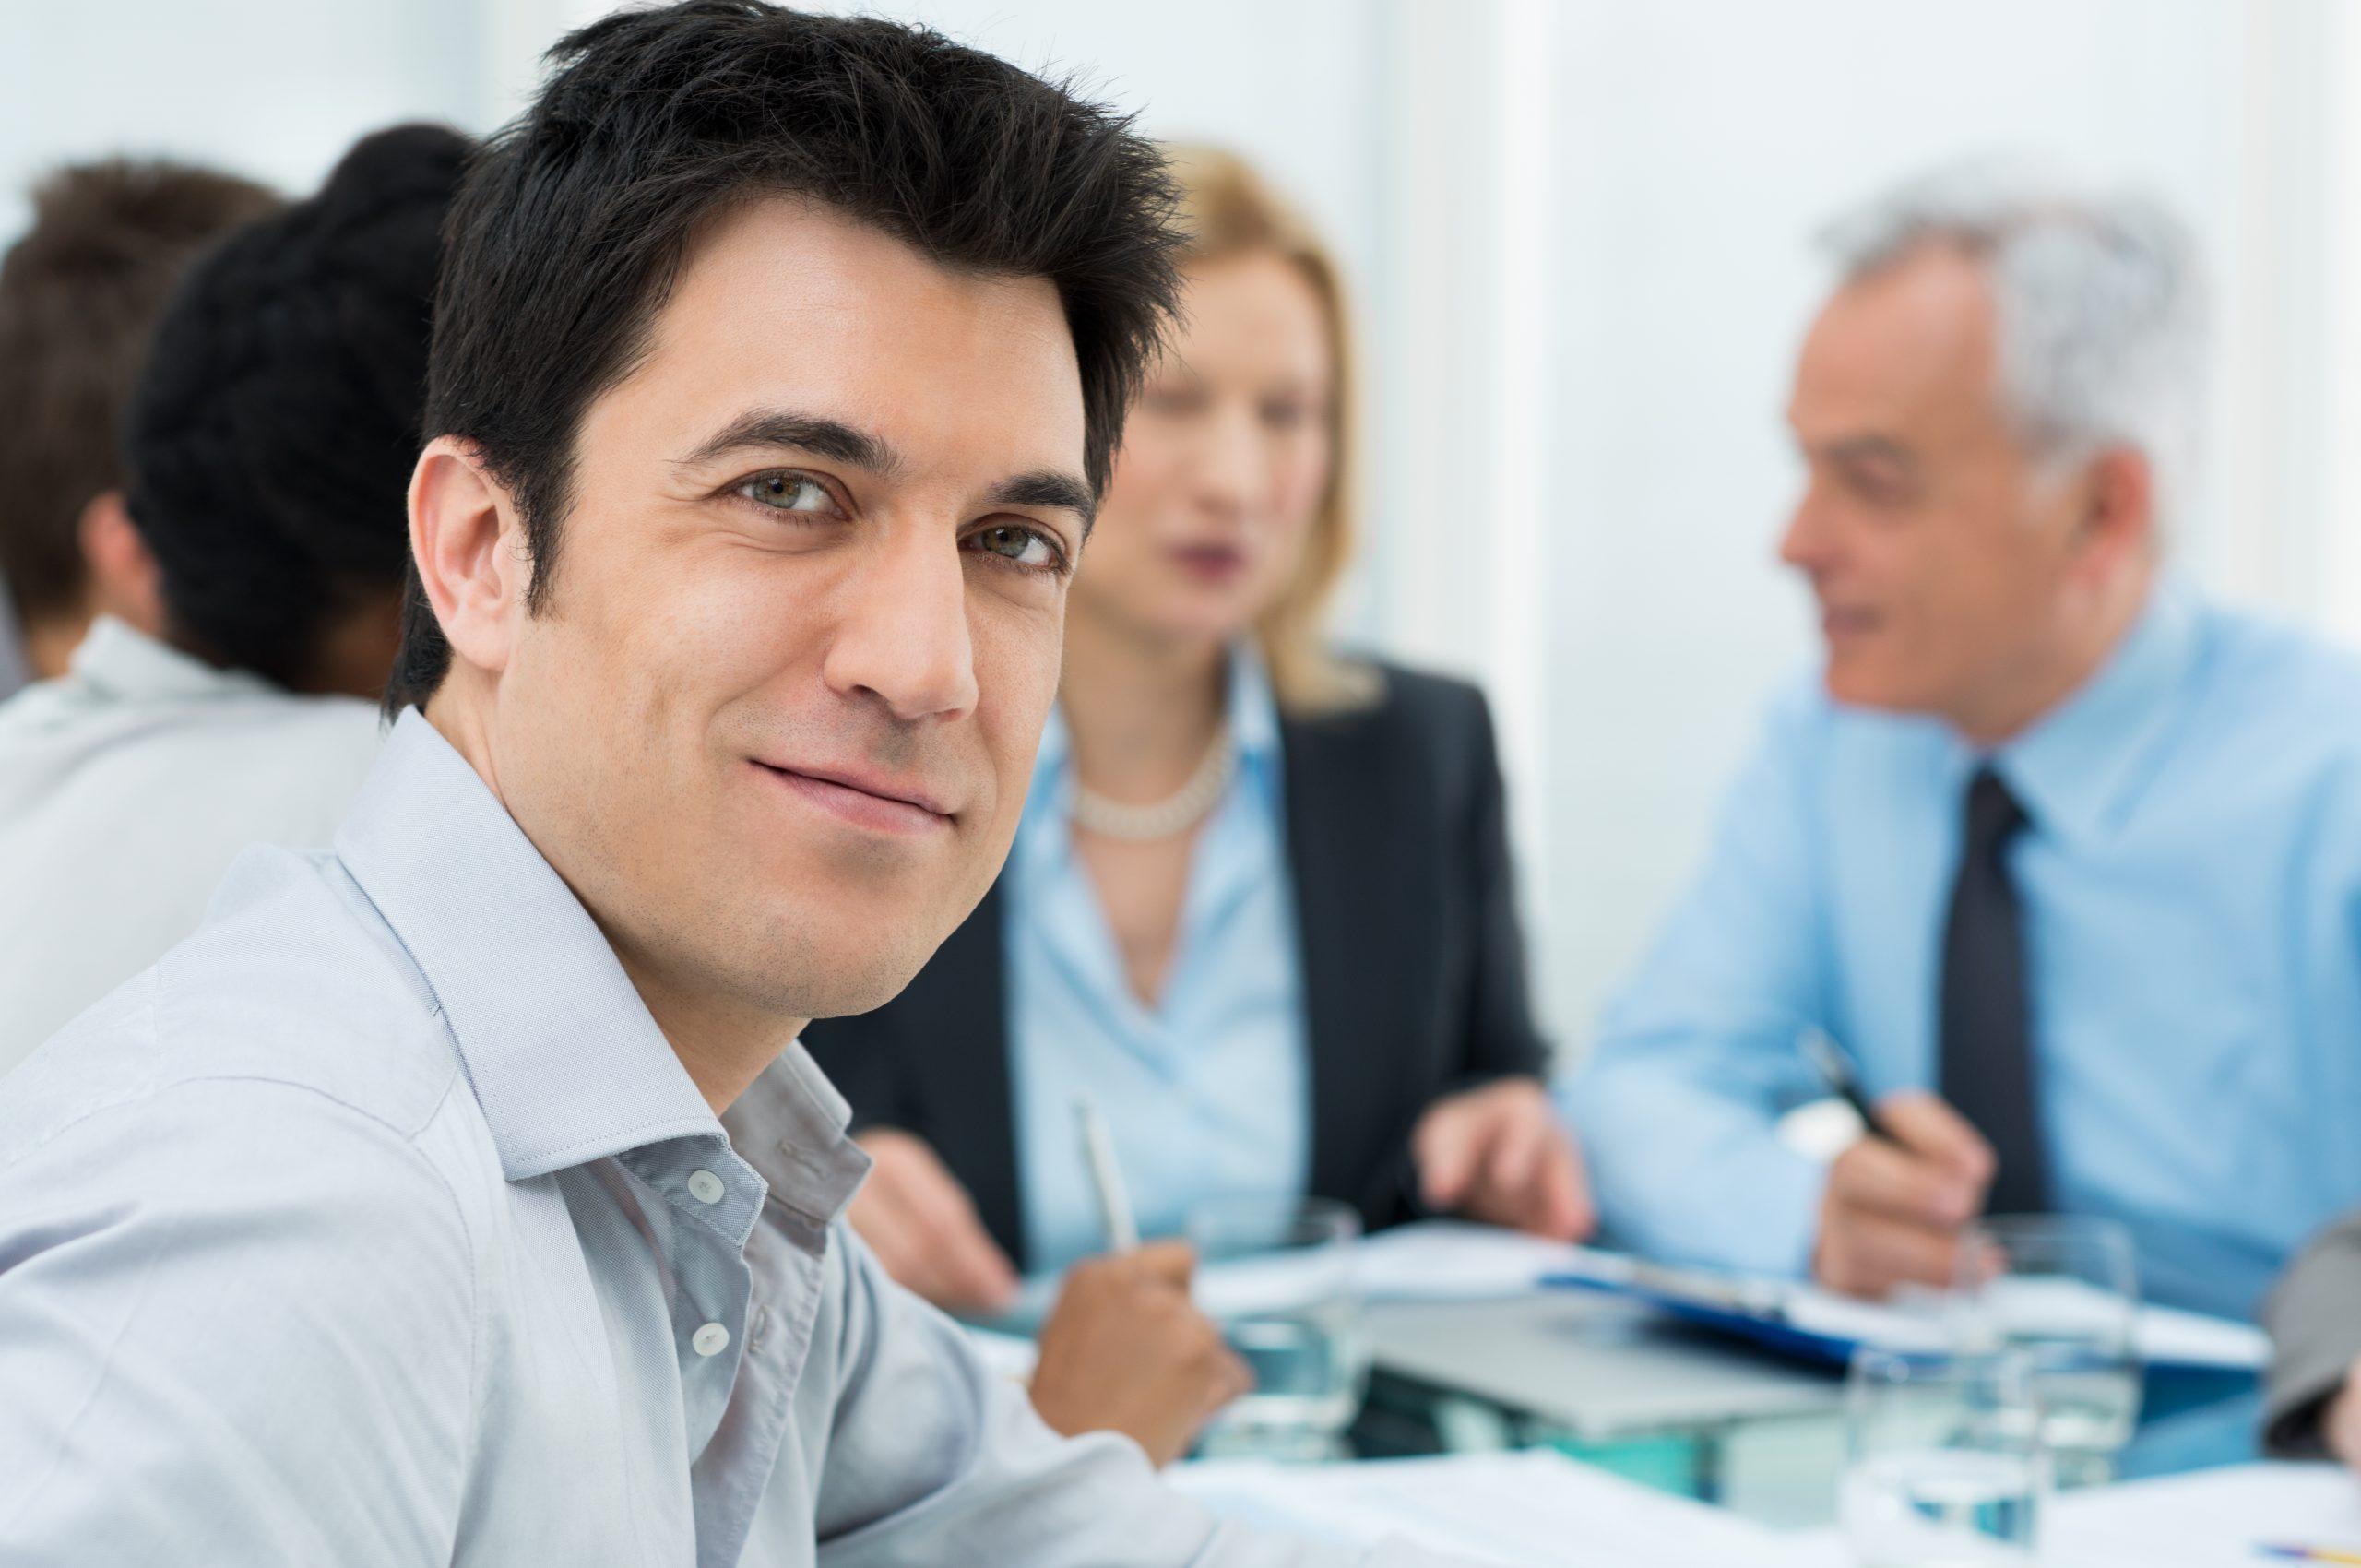 Impulsa-T es la consultoría de negocios que le aporta soluciones de crecimiento y rentabilidad a su empresa, que le ayuda a aprovechar todo el potencial de su negocio.